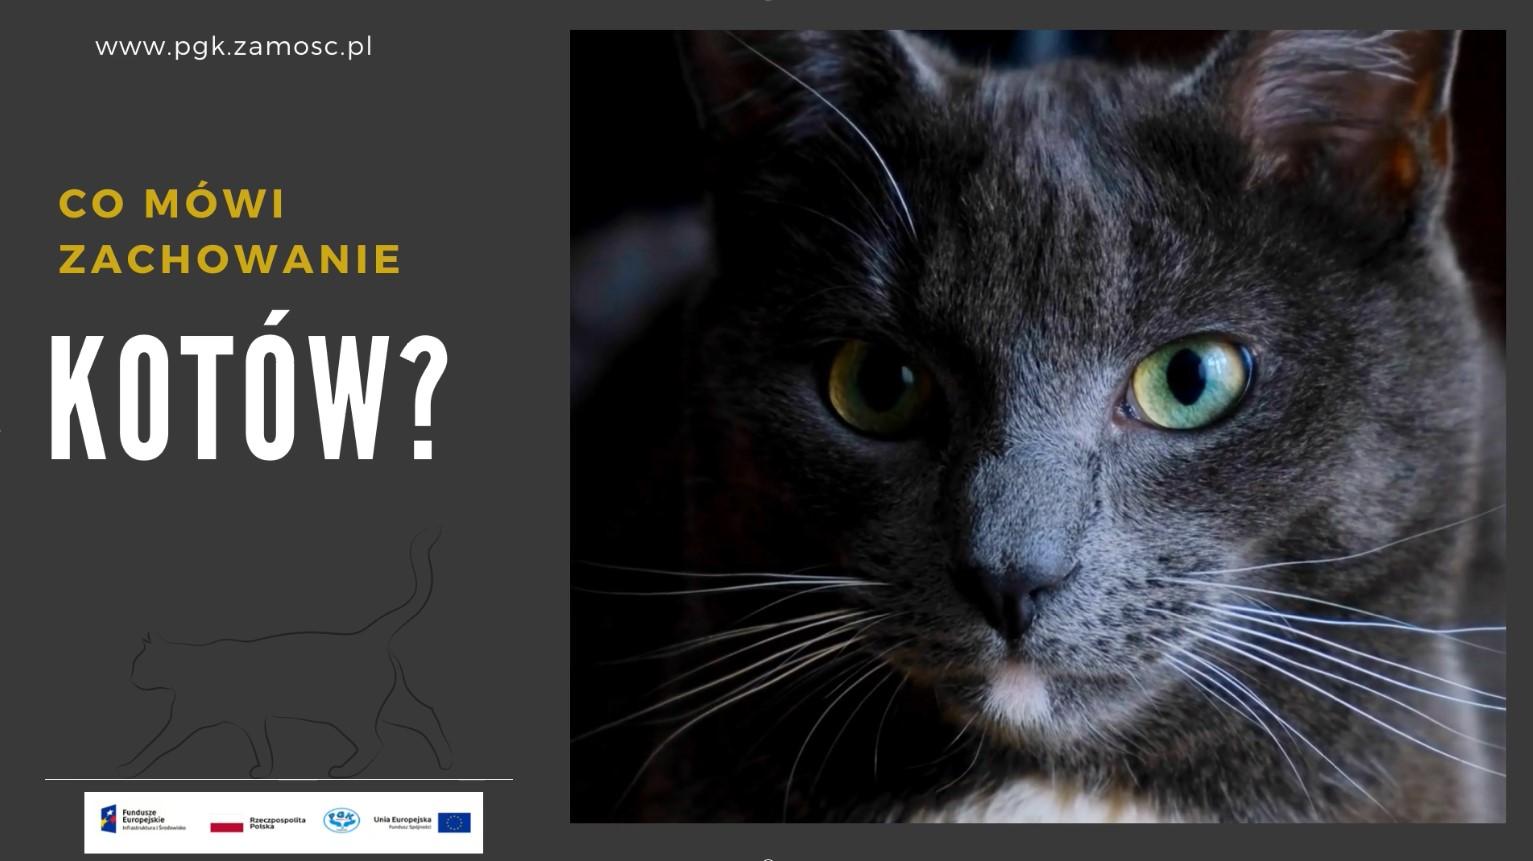 Co mówi zachowanie kota?